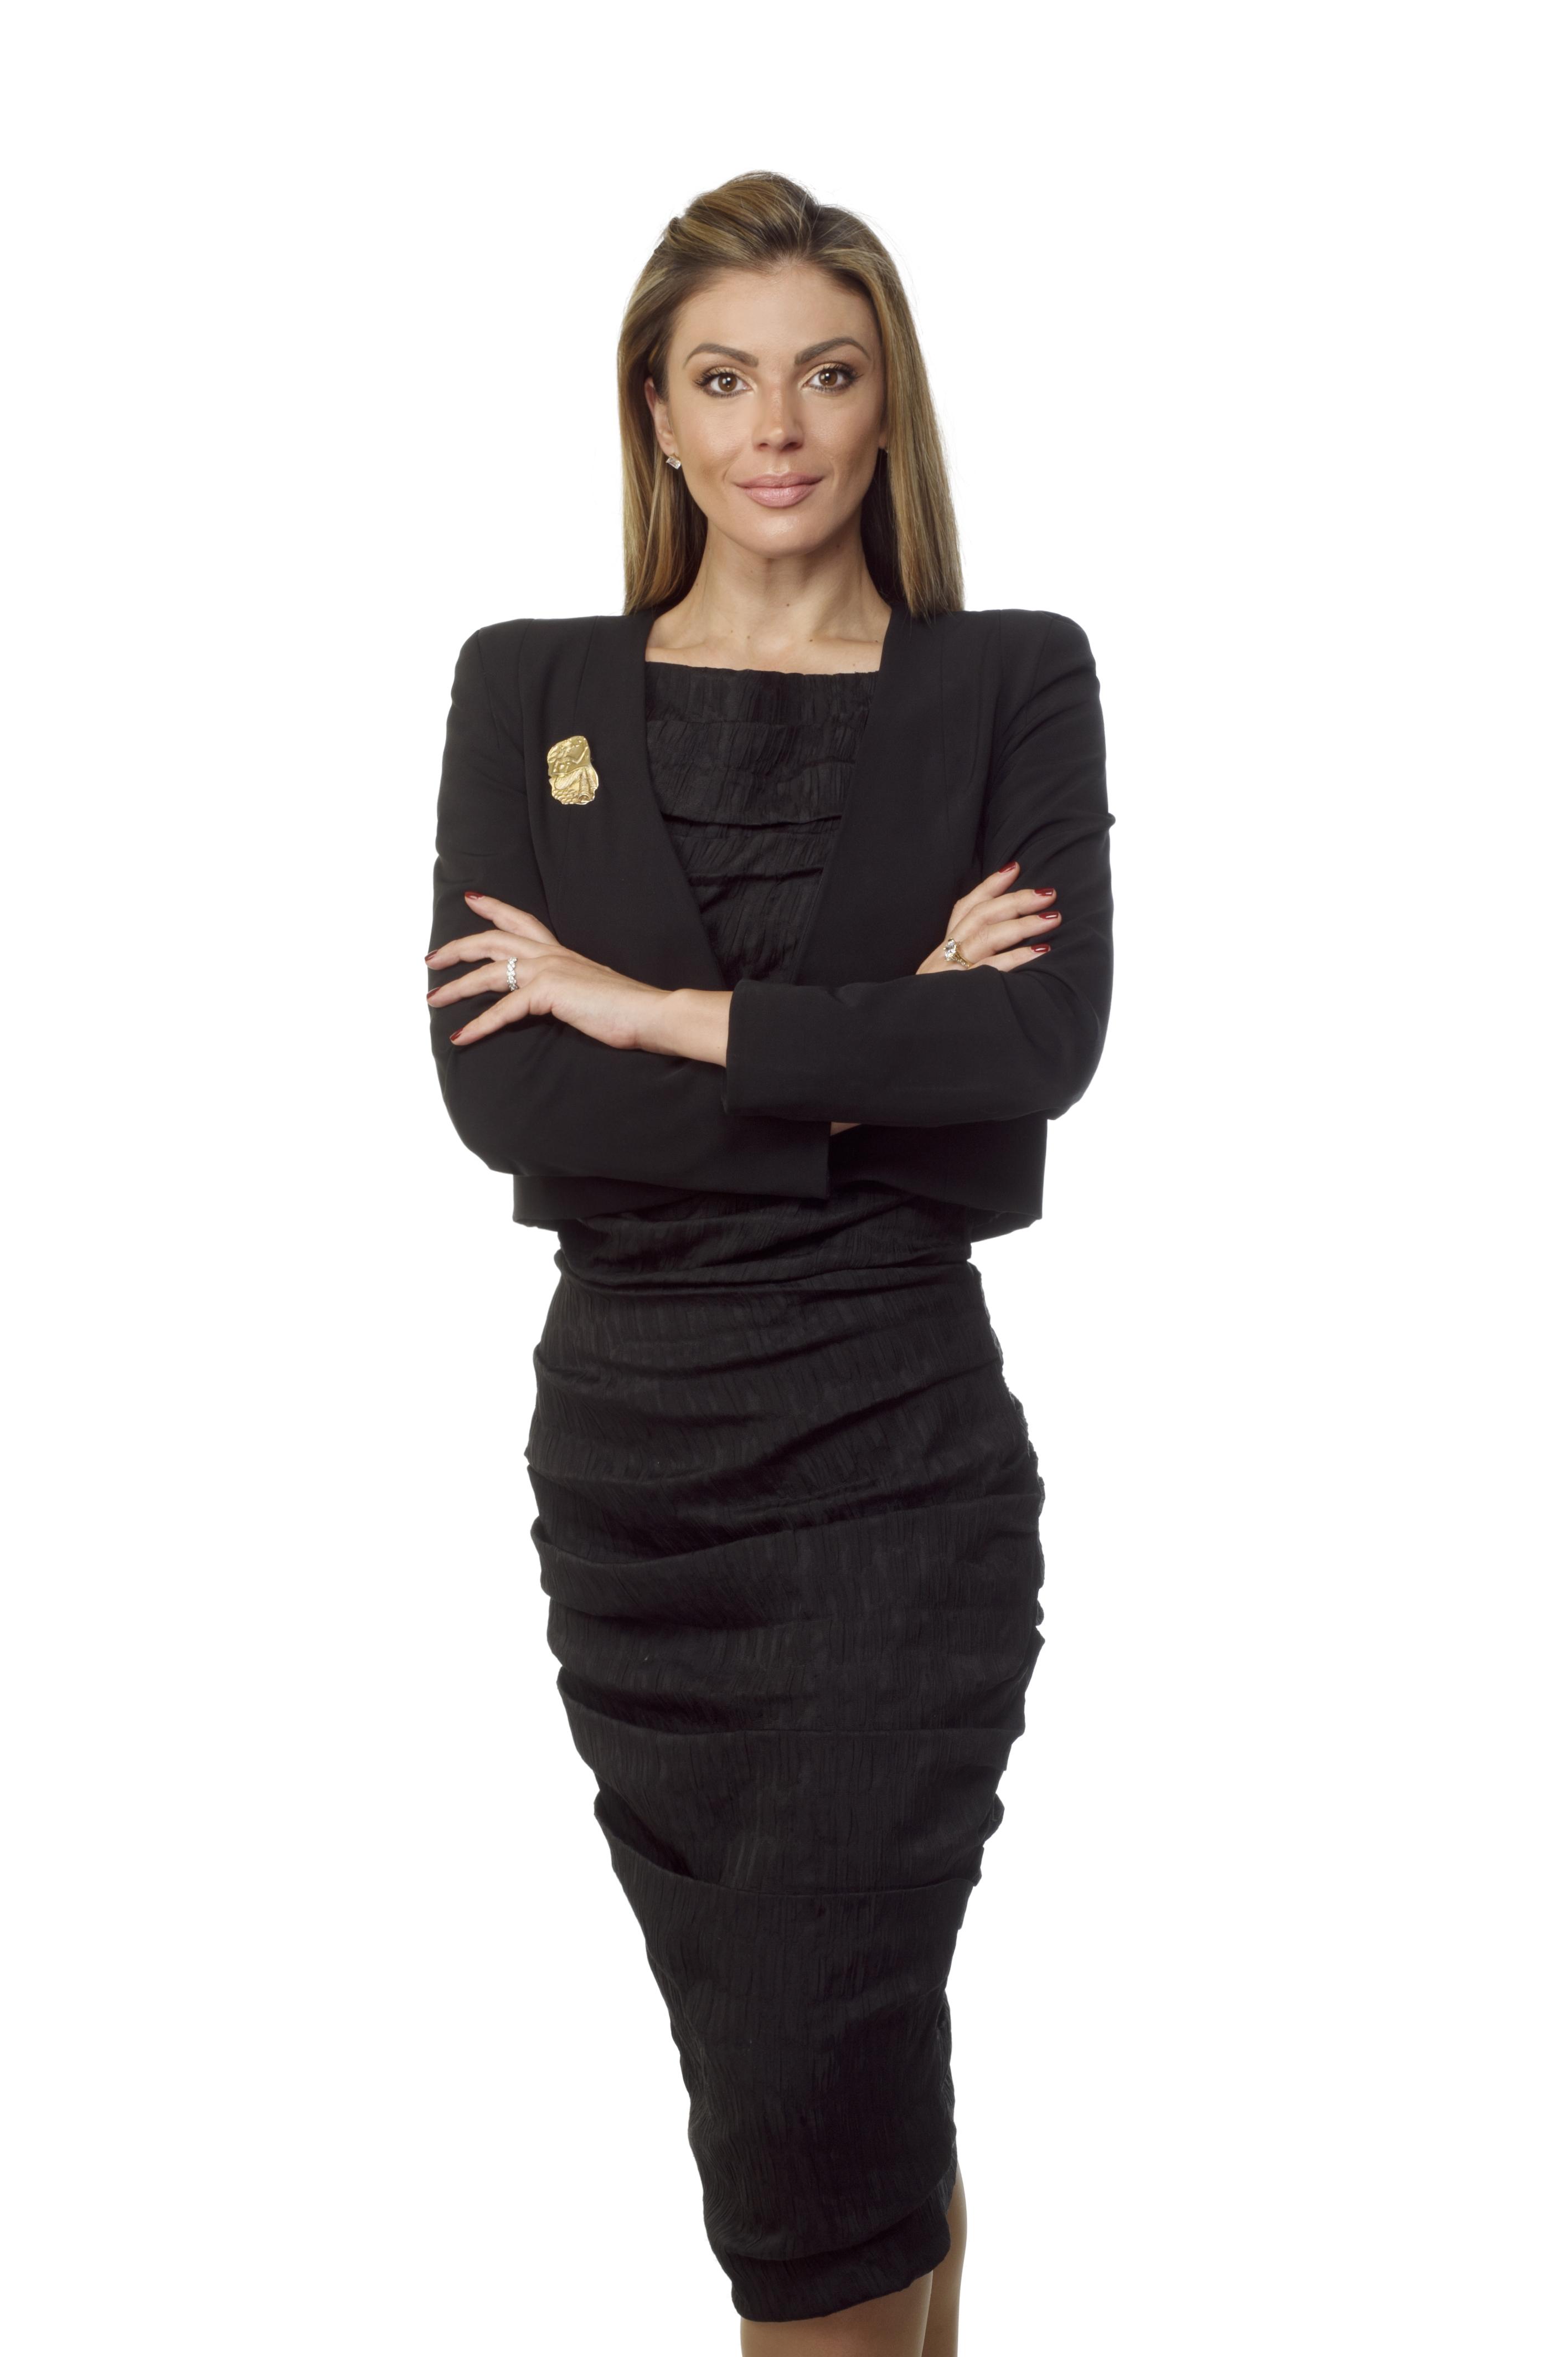 Elle Nikou Madalin, LLB, BA; LLM (candidate)